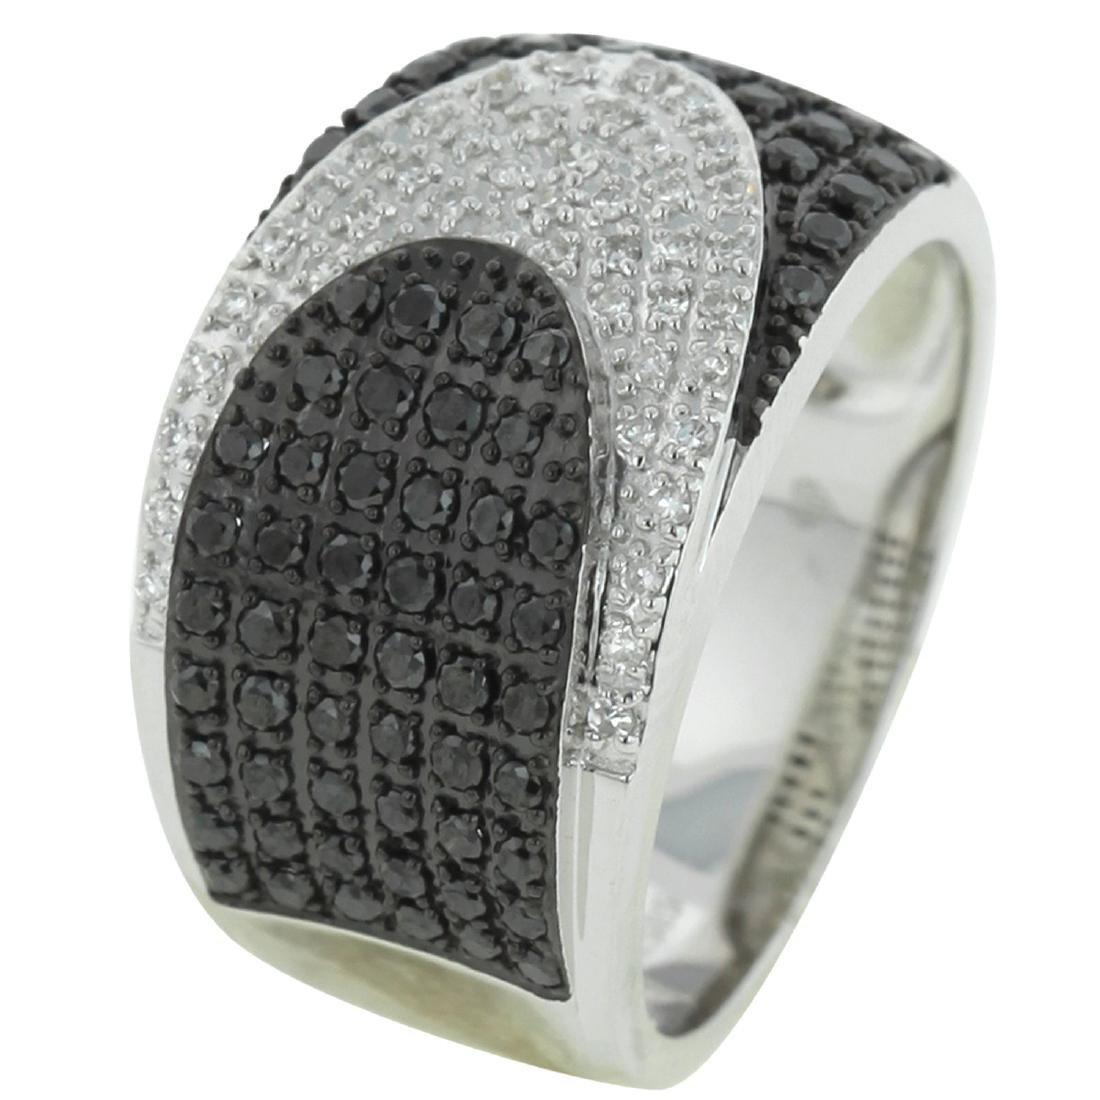 14KT White Gold Women's Diamond Ring - 2